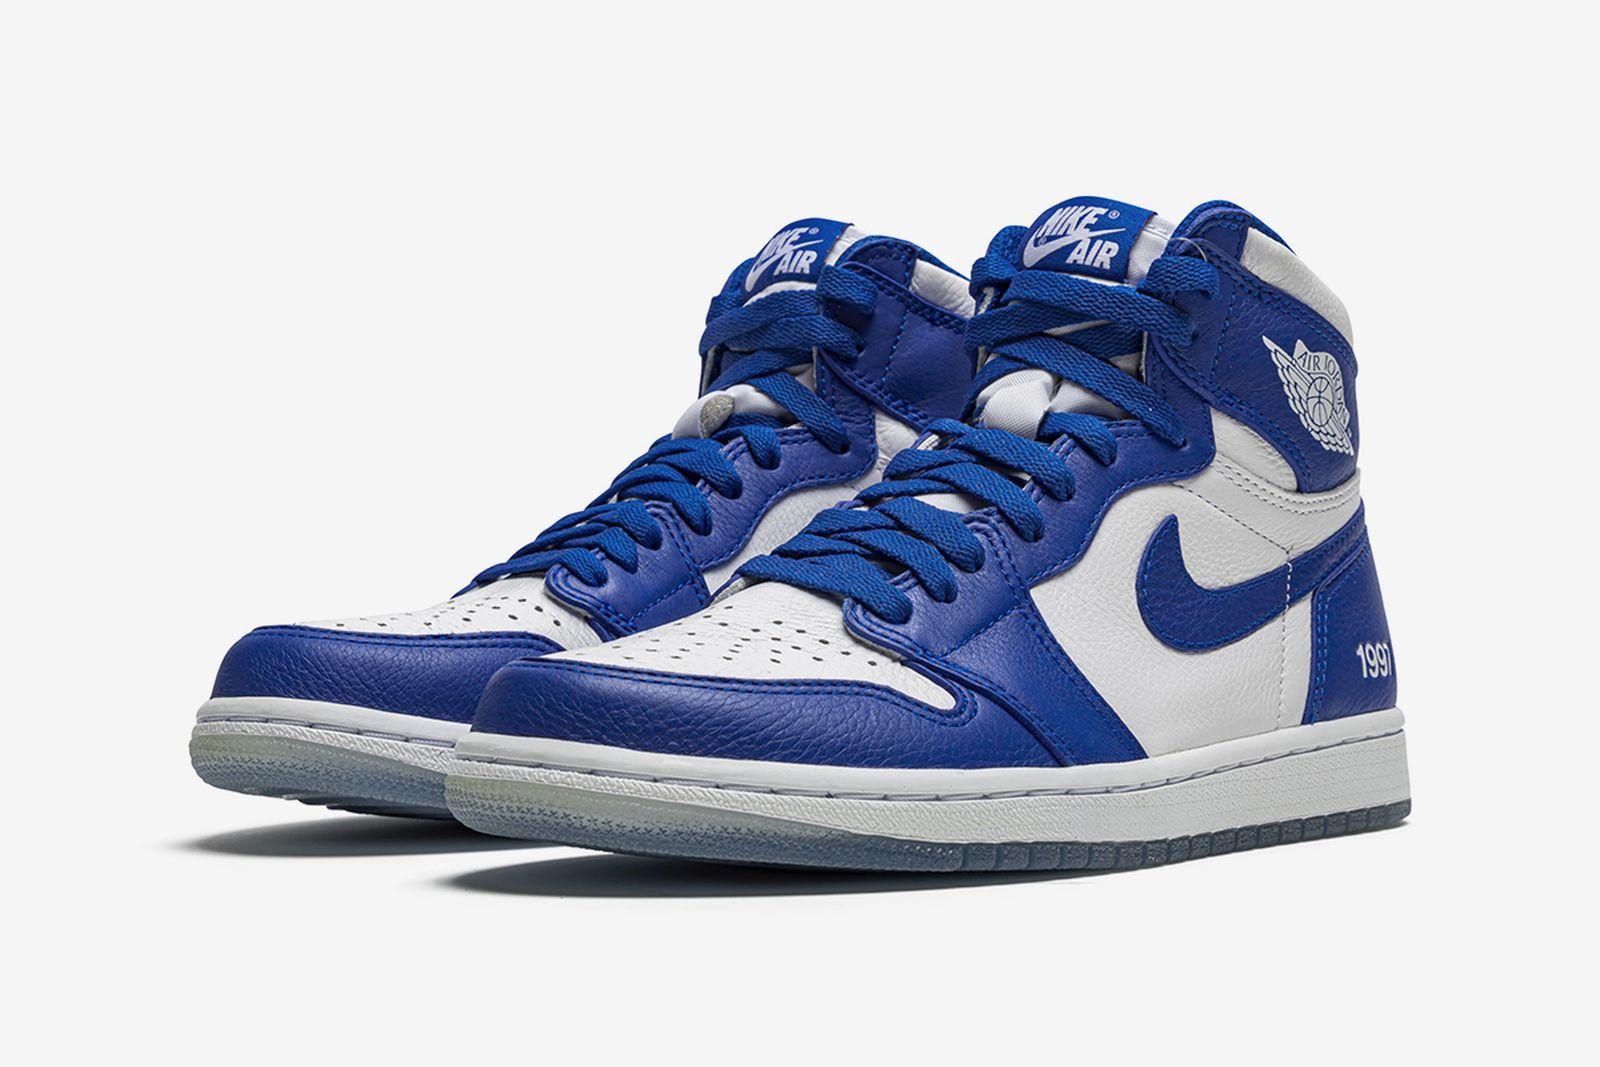 stadium-goods-christies-original-air-sneaker-auction-07